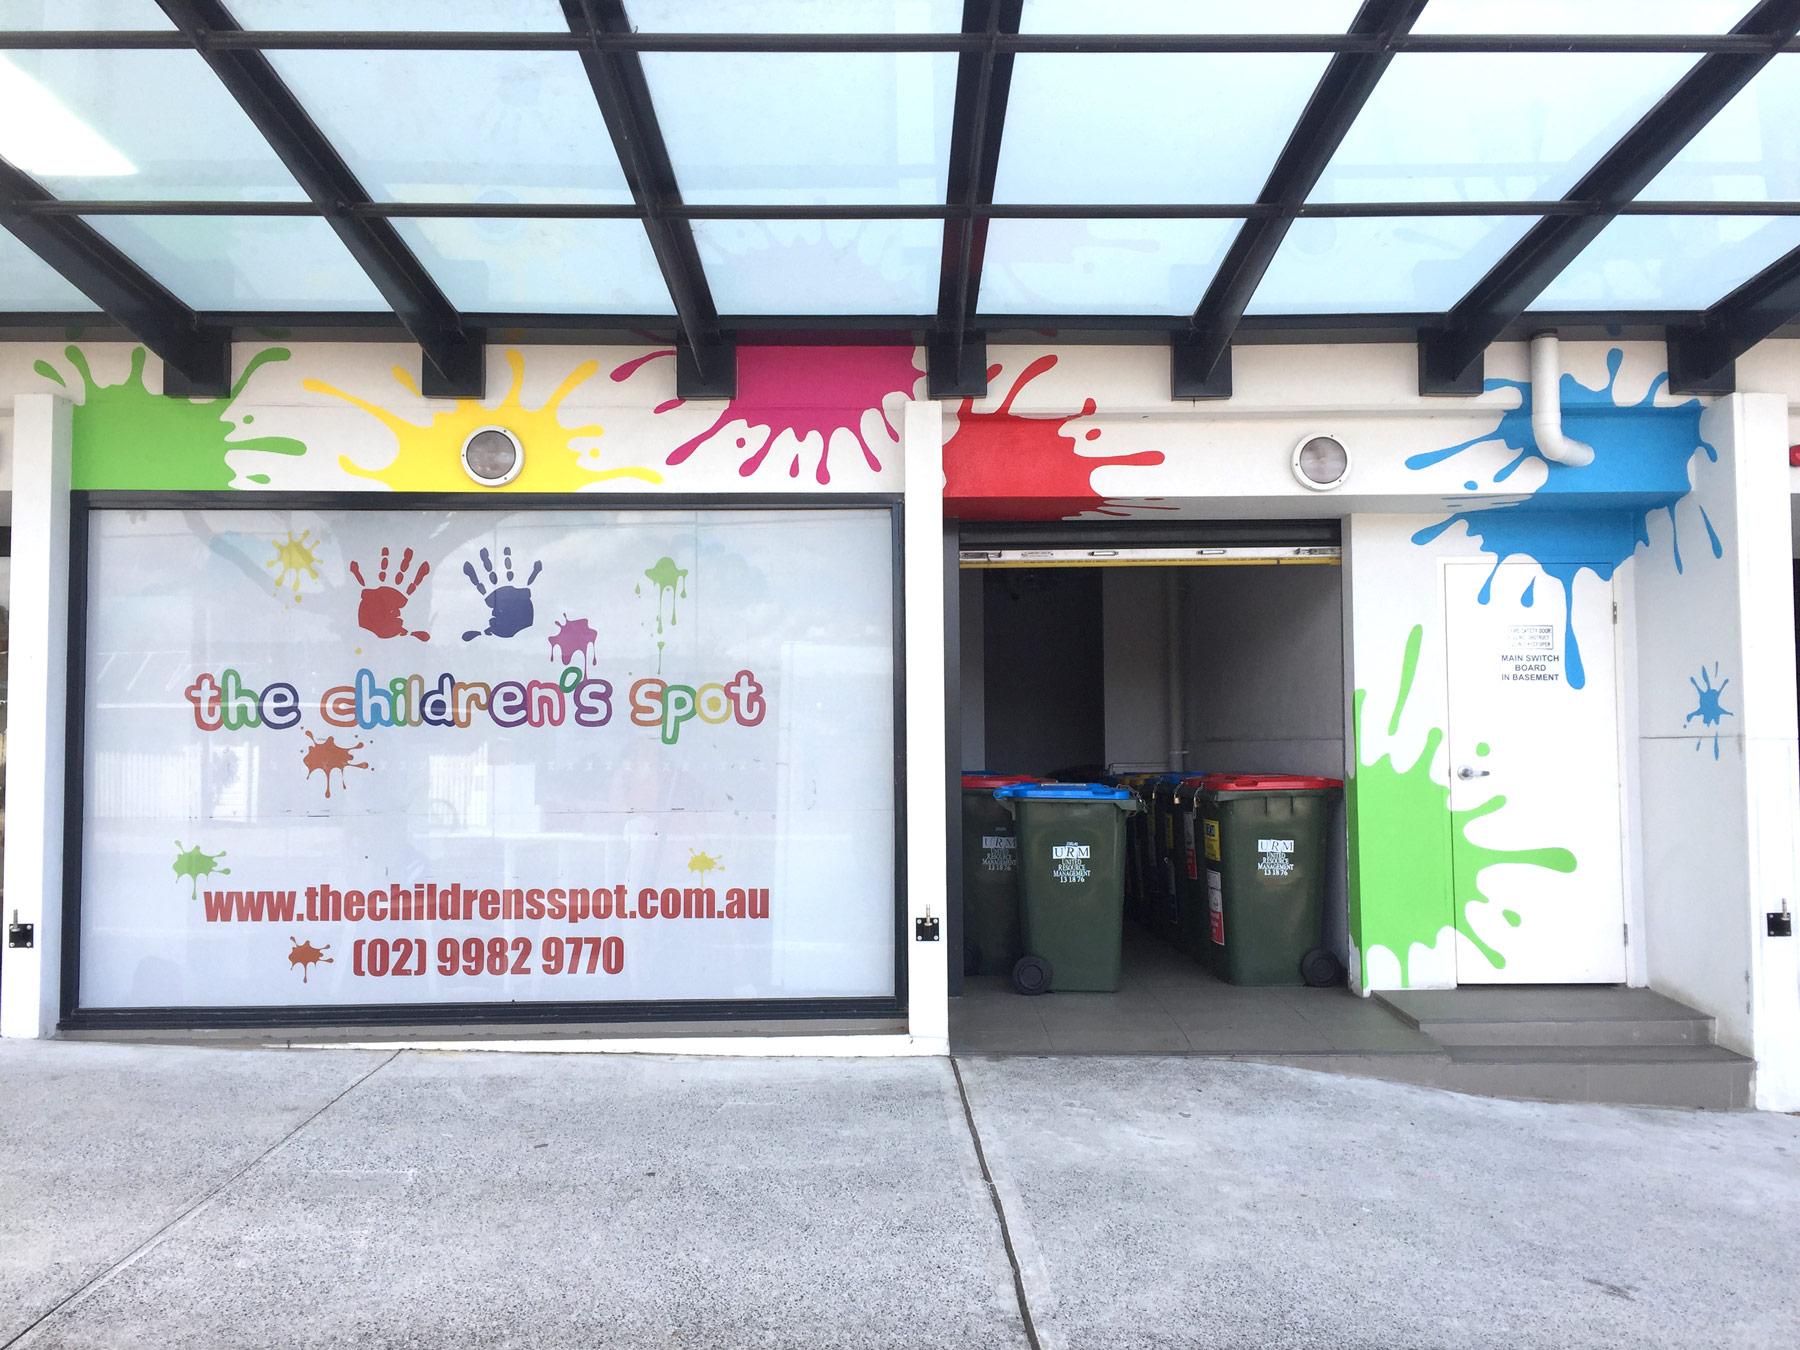 childrens-spot-wheeler-heights-exterior-murals-2